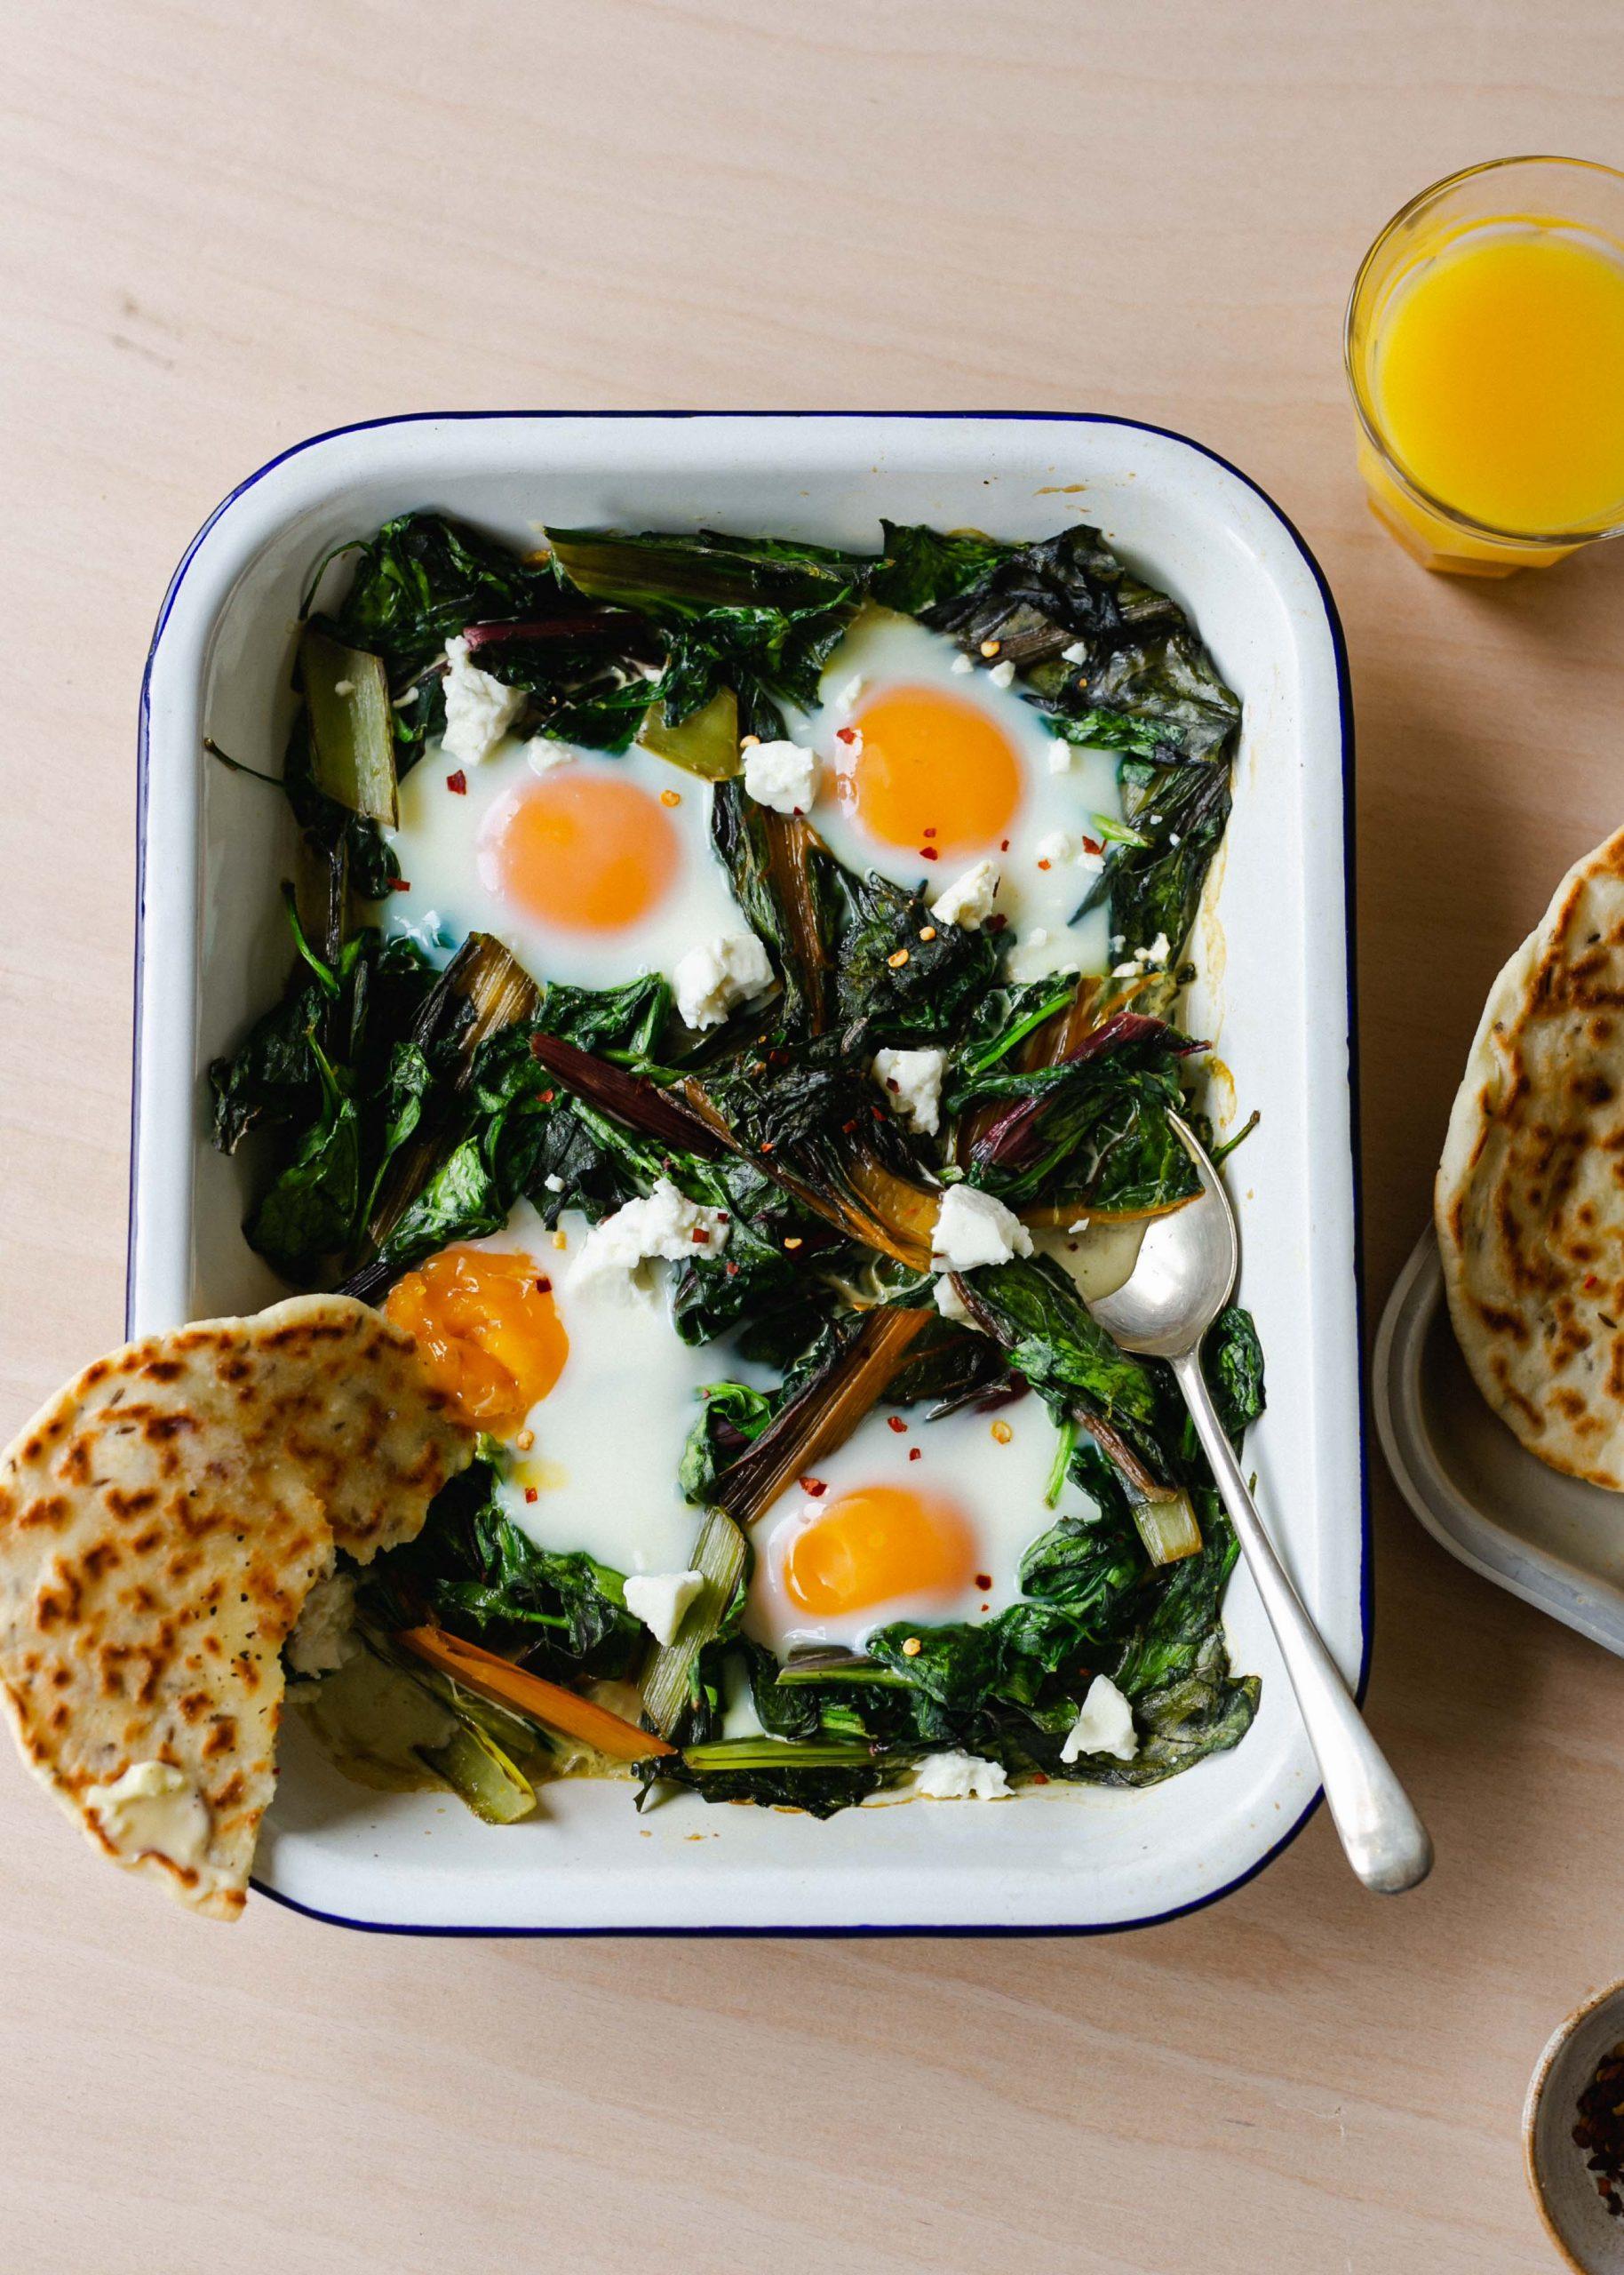 Low FODMAP breakfast recipes